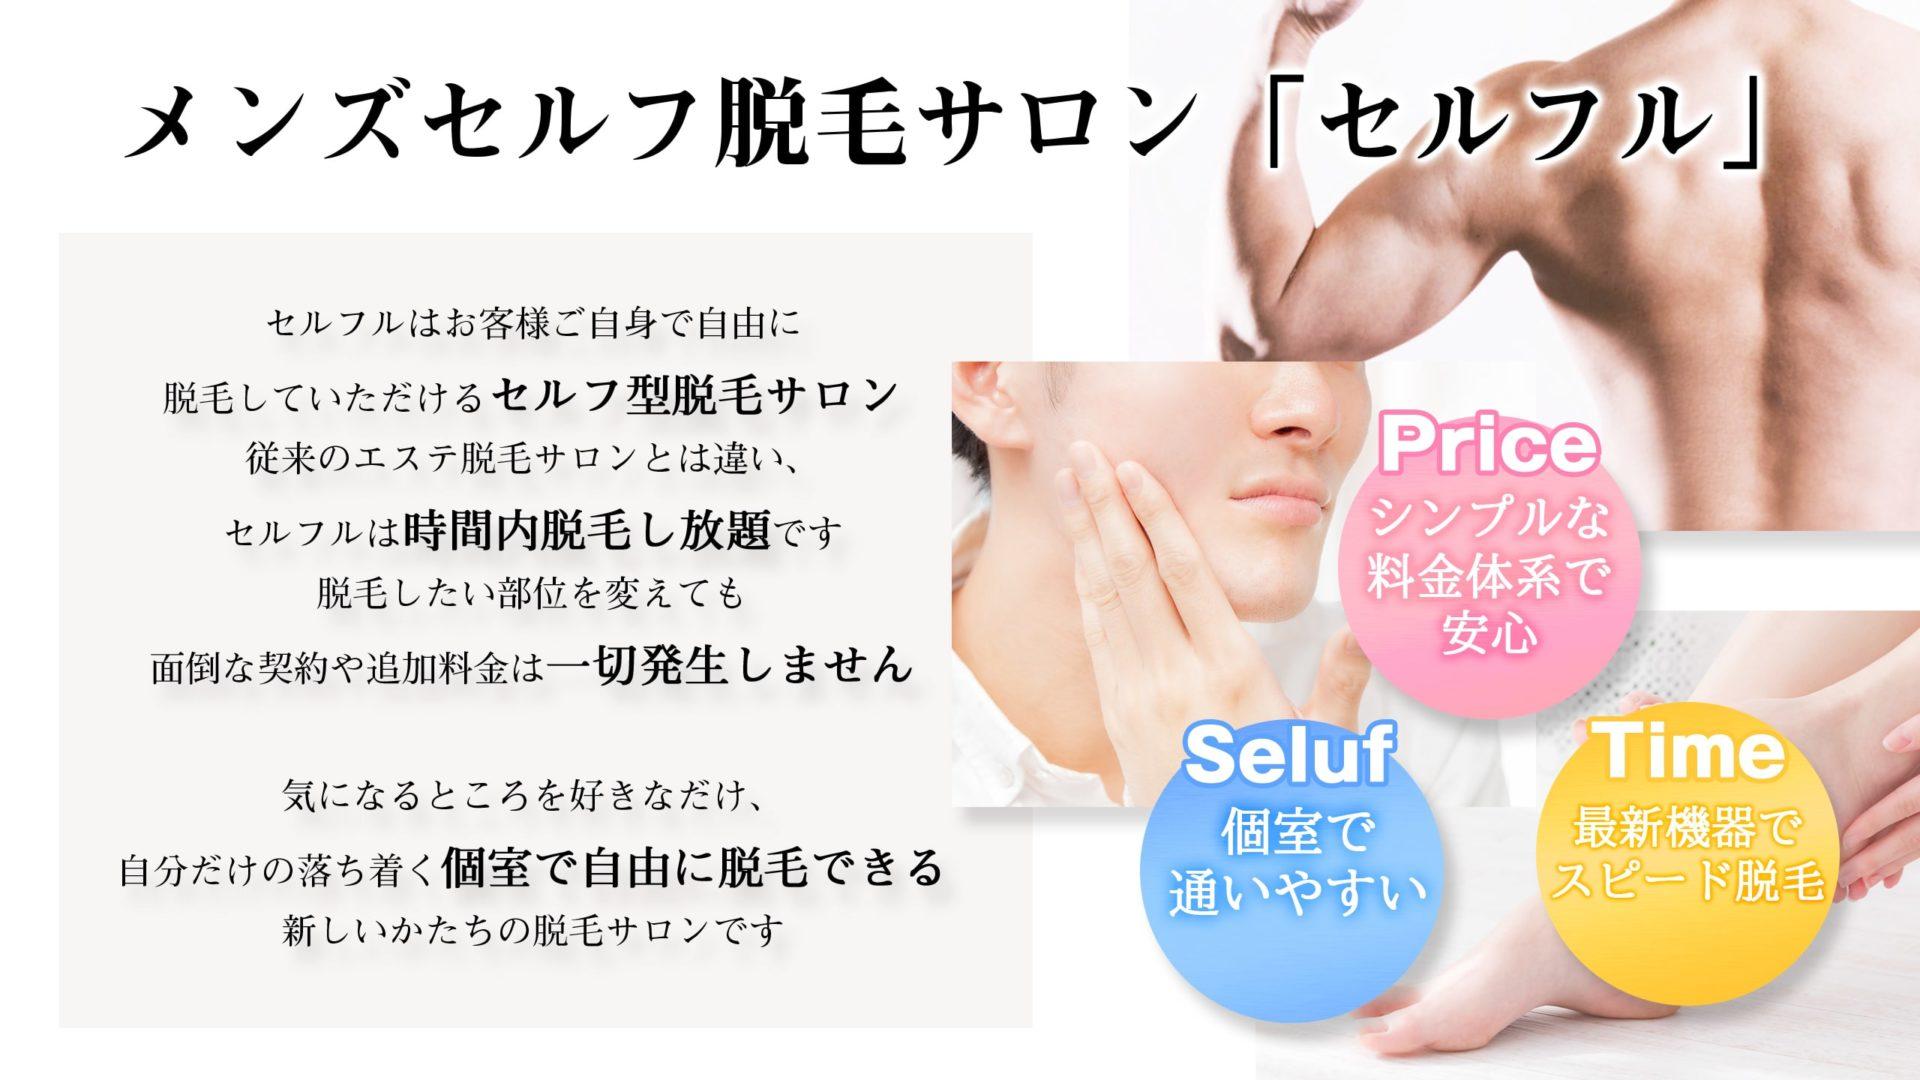 立川店専用のメンズセルフ脱毛サロン「セルフル」の説明画像